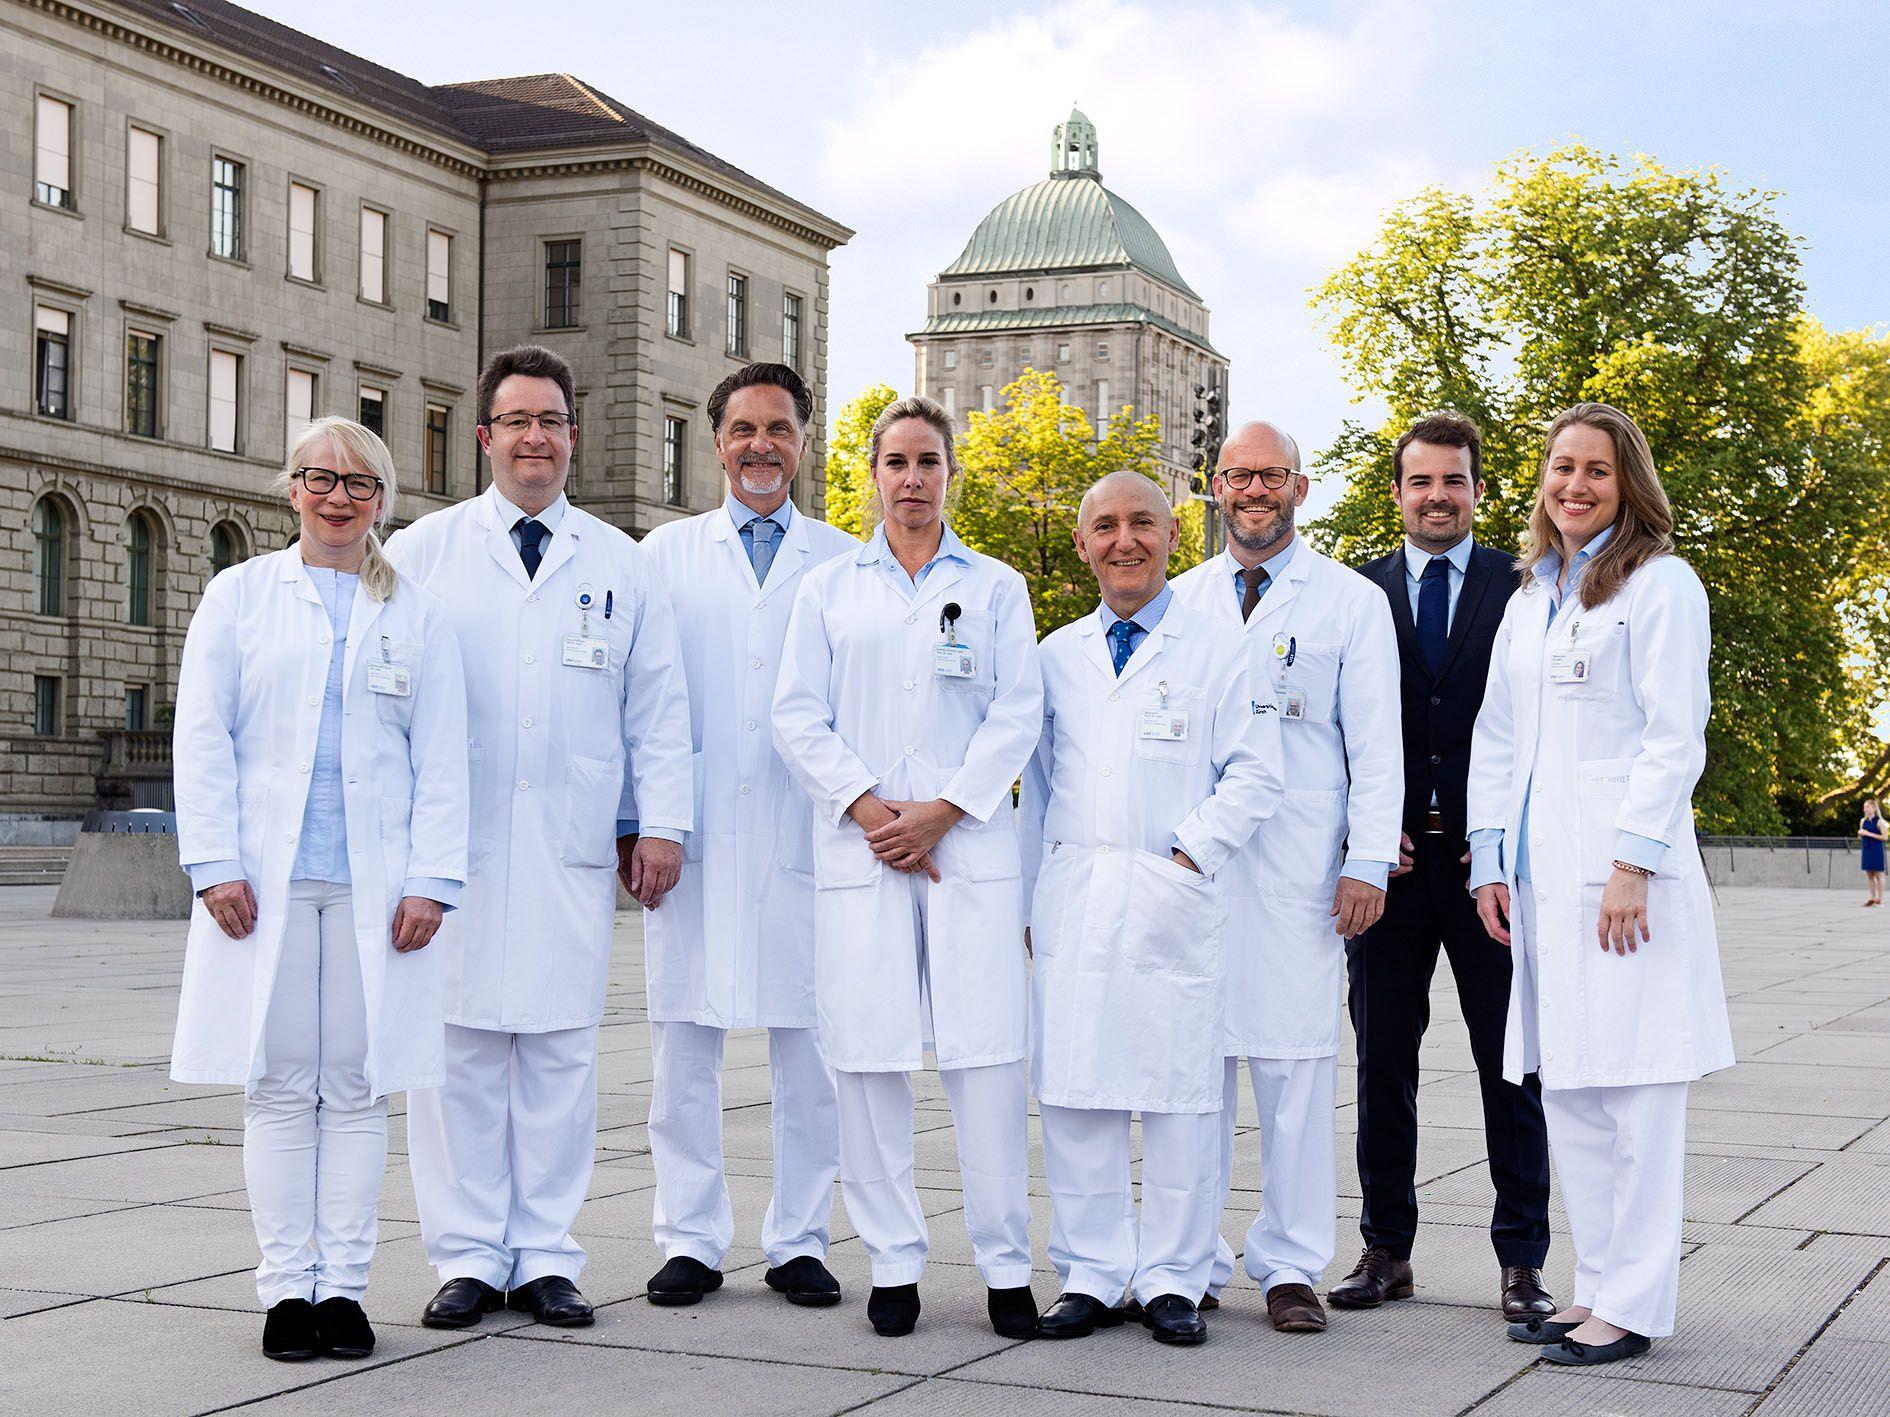 Kaderteam der Klinik für Thoraxchirurgie